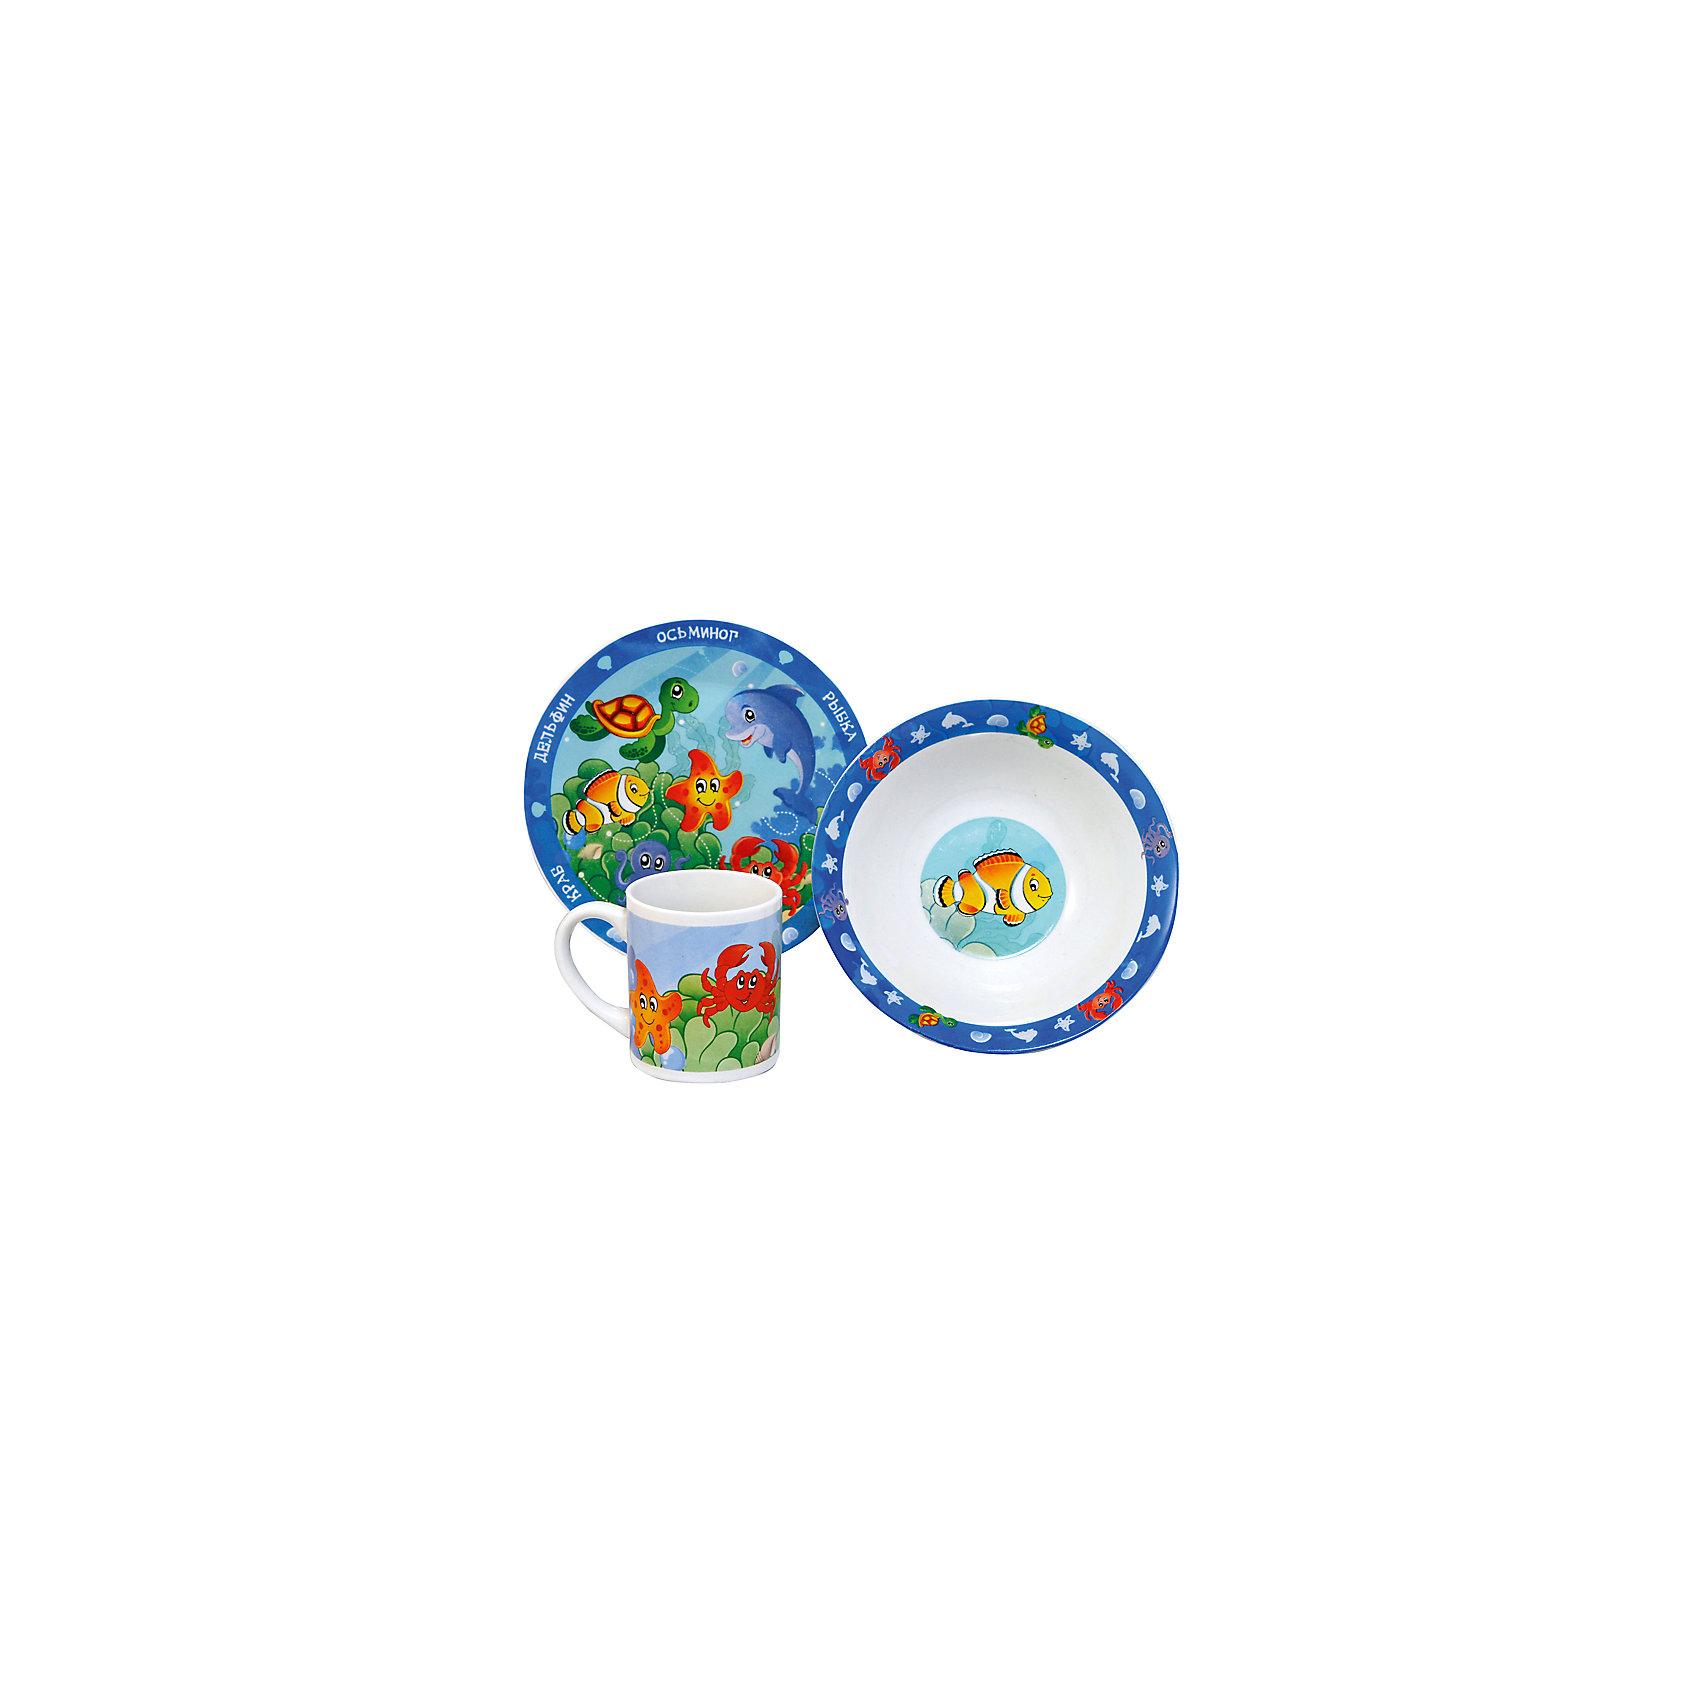 Набор Морские животные (3 предмета, керамика)Набор Морские животные (3 предмета, керамика) – эта яркая красочная посуда поднимет настроение вашему ребенку.<br>Набор красочной детской посуды Морские животные выполненный из качественной керамики, идеально подойдет для повседневного использования. В комплект входят: кружка с удобной ручкой, суповая тарелка, плоская тарелка для вторых блюд и десертов. Яркий набор выполнен в едином стиле, декорирован изображениями обитателей моря. С такой посудой привычная еда станет более вкусной и приятной, а кормление малыша превратится в веселую и интересную игру.<br><br>Дополнительная информация:<br><br>- В наборе: кружка, суповая тарелка, тарелка<br>- Материал: керамика<br>- Диаметр плоской тарелки для вторых блюд и десертов: 19 см.<br>- Диаметр суповой тарелки: 18 см.<br>- Объем кружки: 240 мл.<br>- Упаковка: подарочная коробка<br>- Размер упаковки: 25 x 8,5 x 20 см.<br>- Вес: 912 гр.<br>- Пригодна для мытья в посудомоечной машине<br><br>Набор Морские животные (3 предмета, керамика) можно купить в нашем интернет-магазине.<br><br>Ширина мм: 250<br>Глубина мм: 85<br>Высота мм: 200<br>Вес г: 912<br>Возраст от месяцев: 36<br>Возраст до месяцев: 144<br>Пол: Унисекс<br>Возраст: Детский<br>SKU: 4606791